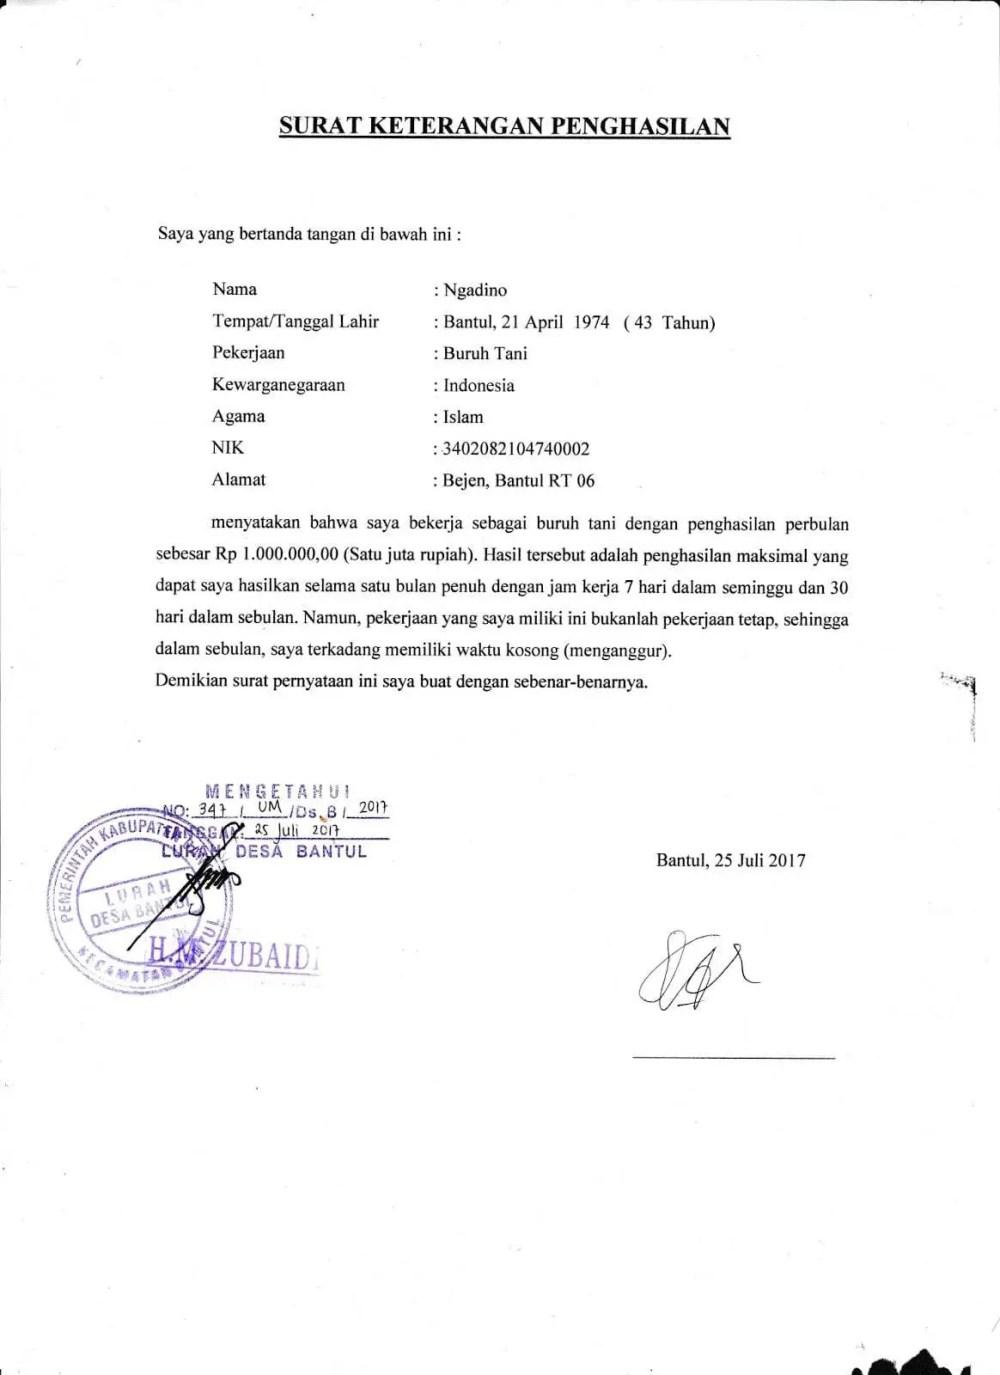 16. Contoh Format Surat Pernyataan Orang Tua